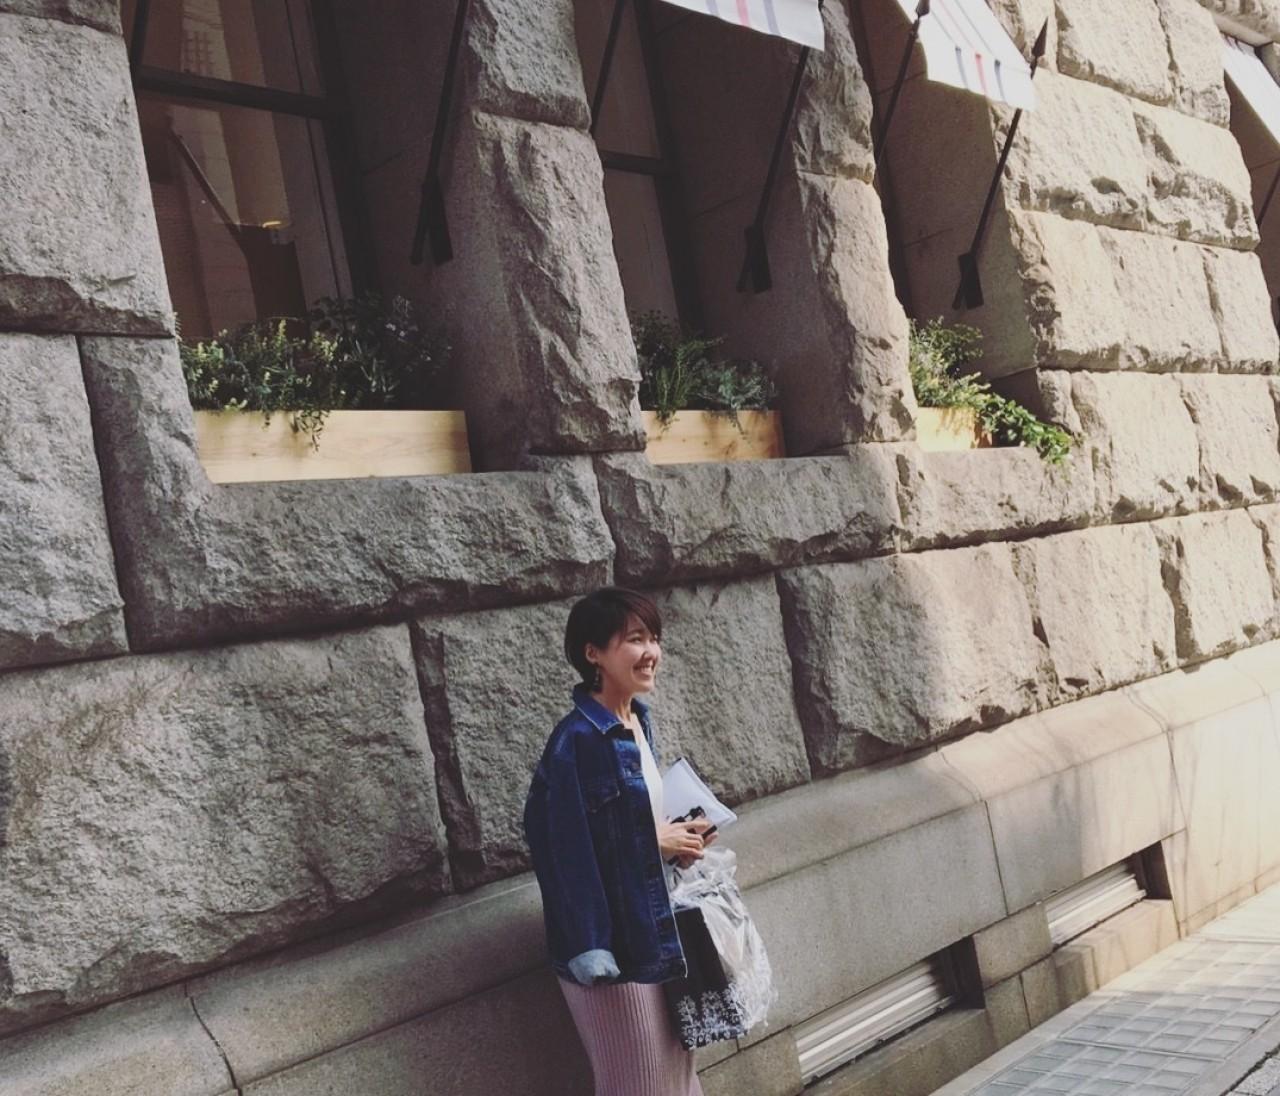 OOTD★ヴィンテージGジャンとさくら色のタイトスカートでお散歩コーデ